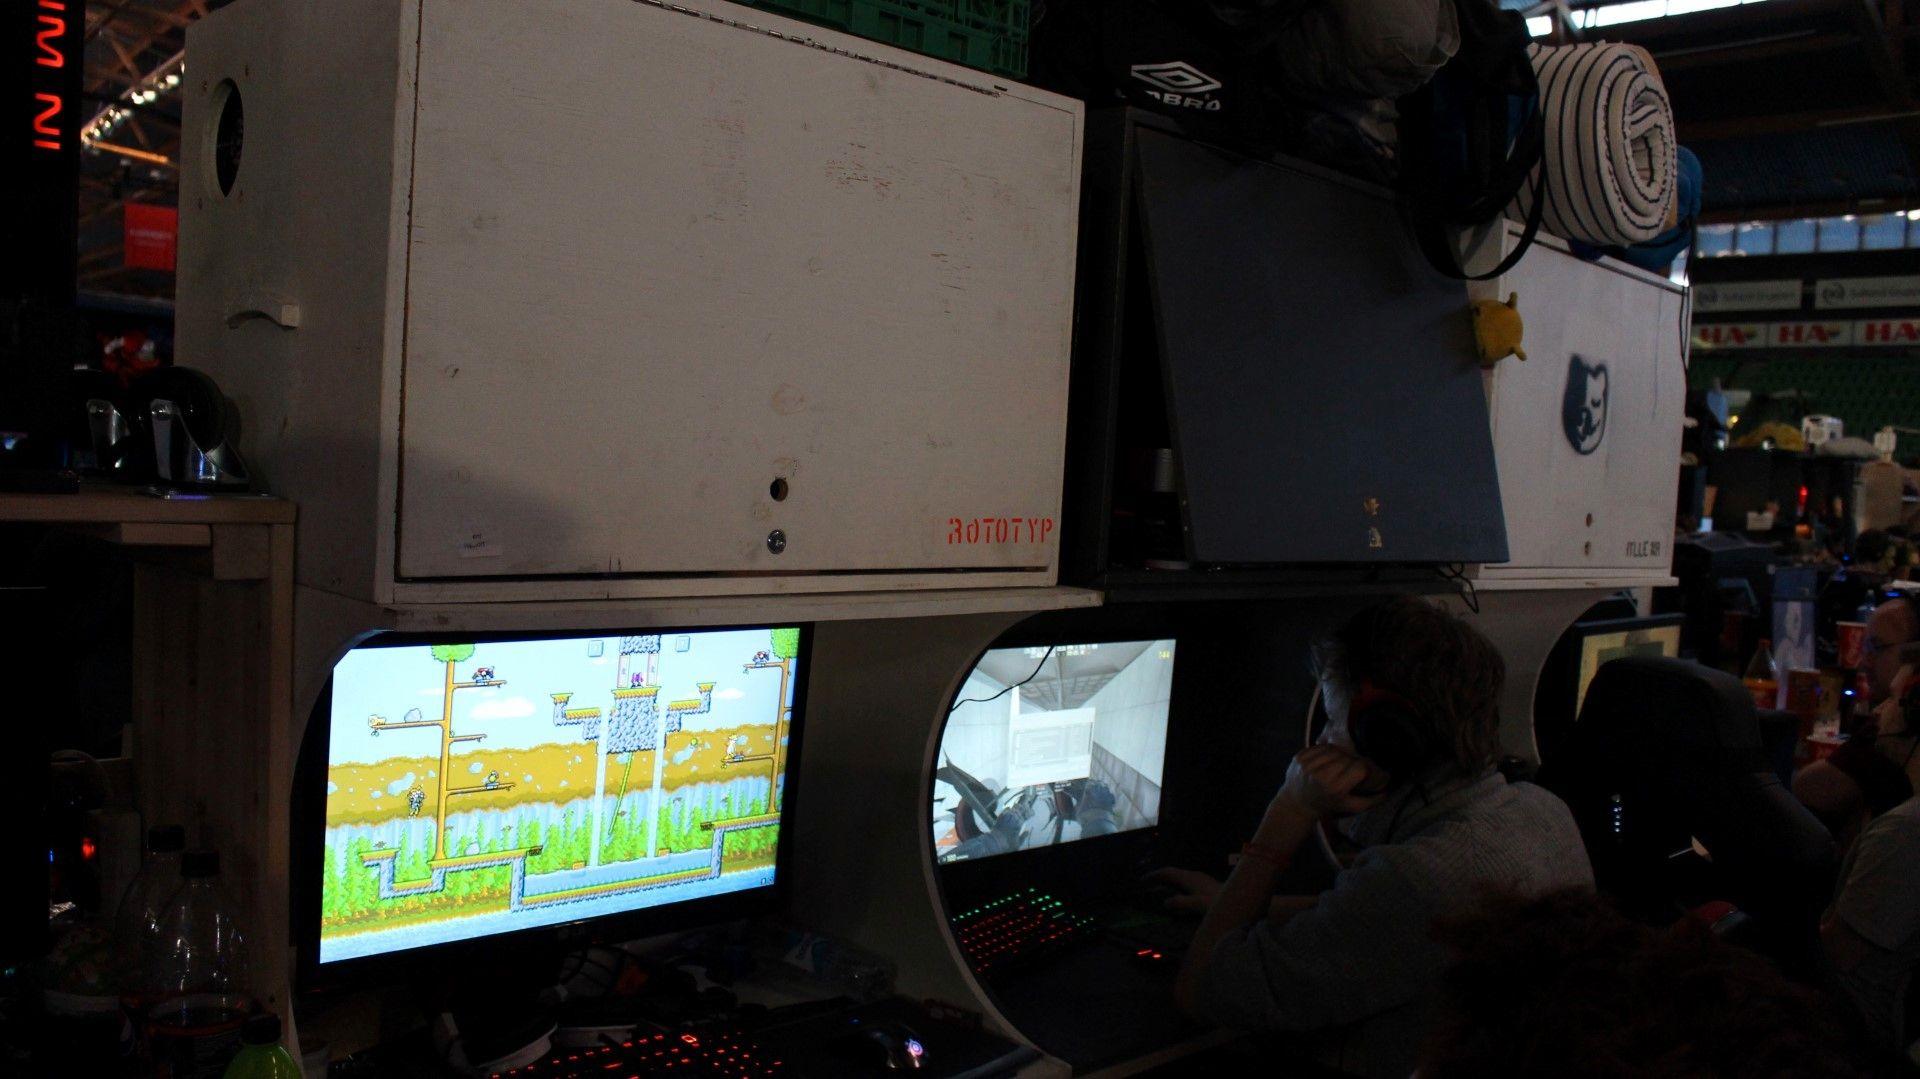 Noen rigger hadde en del større hyller enn andre. Denne riggen syns vi var ekstra stilren. Merk for øvrig spillet pa monitoren til venstre!